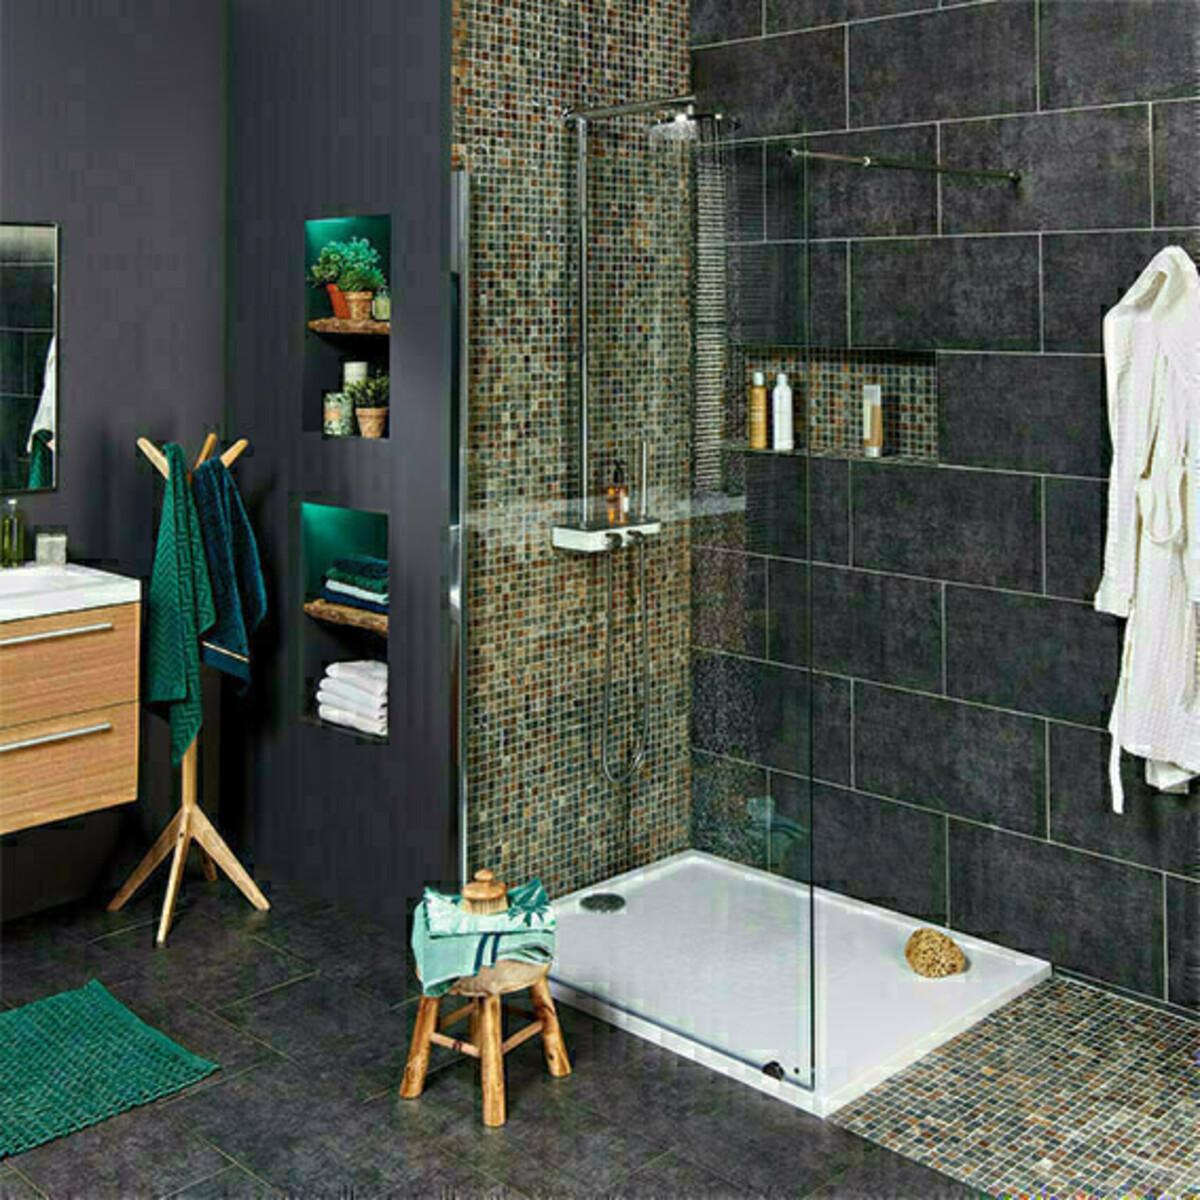 Construire Une Douche Italienne Pour Les Makers - Carrelage salle de bain et linie design tapis